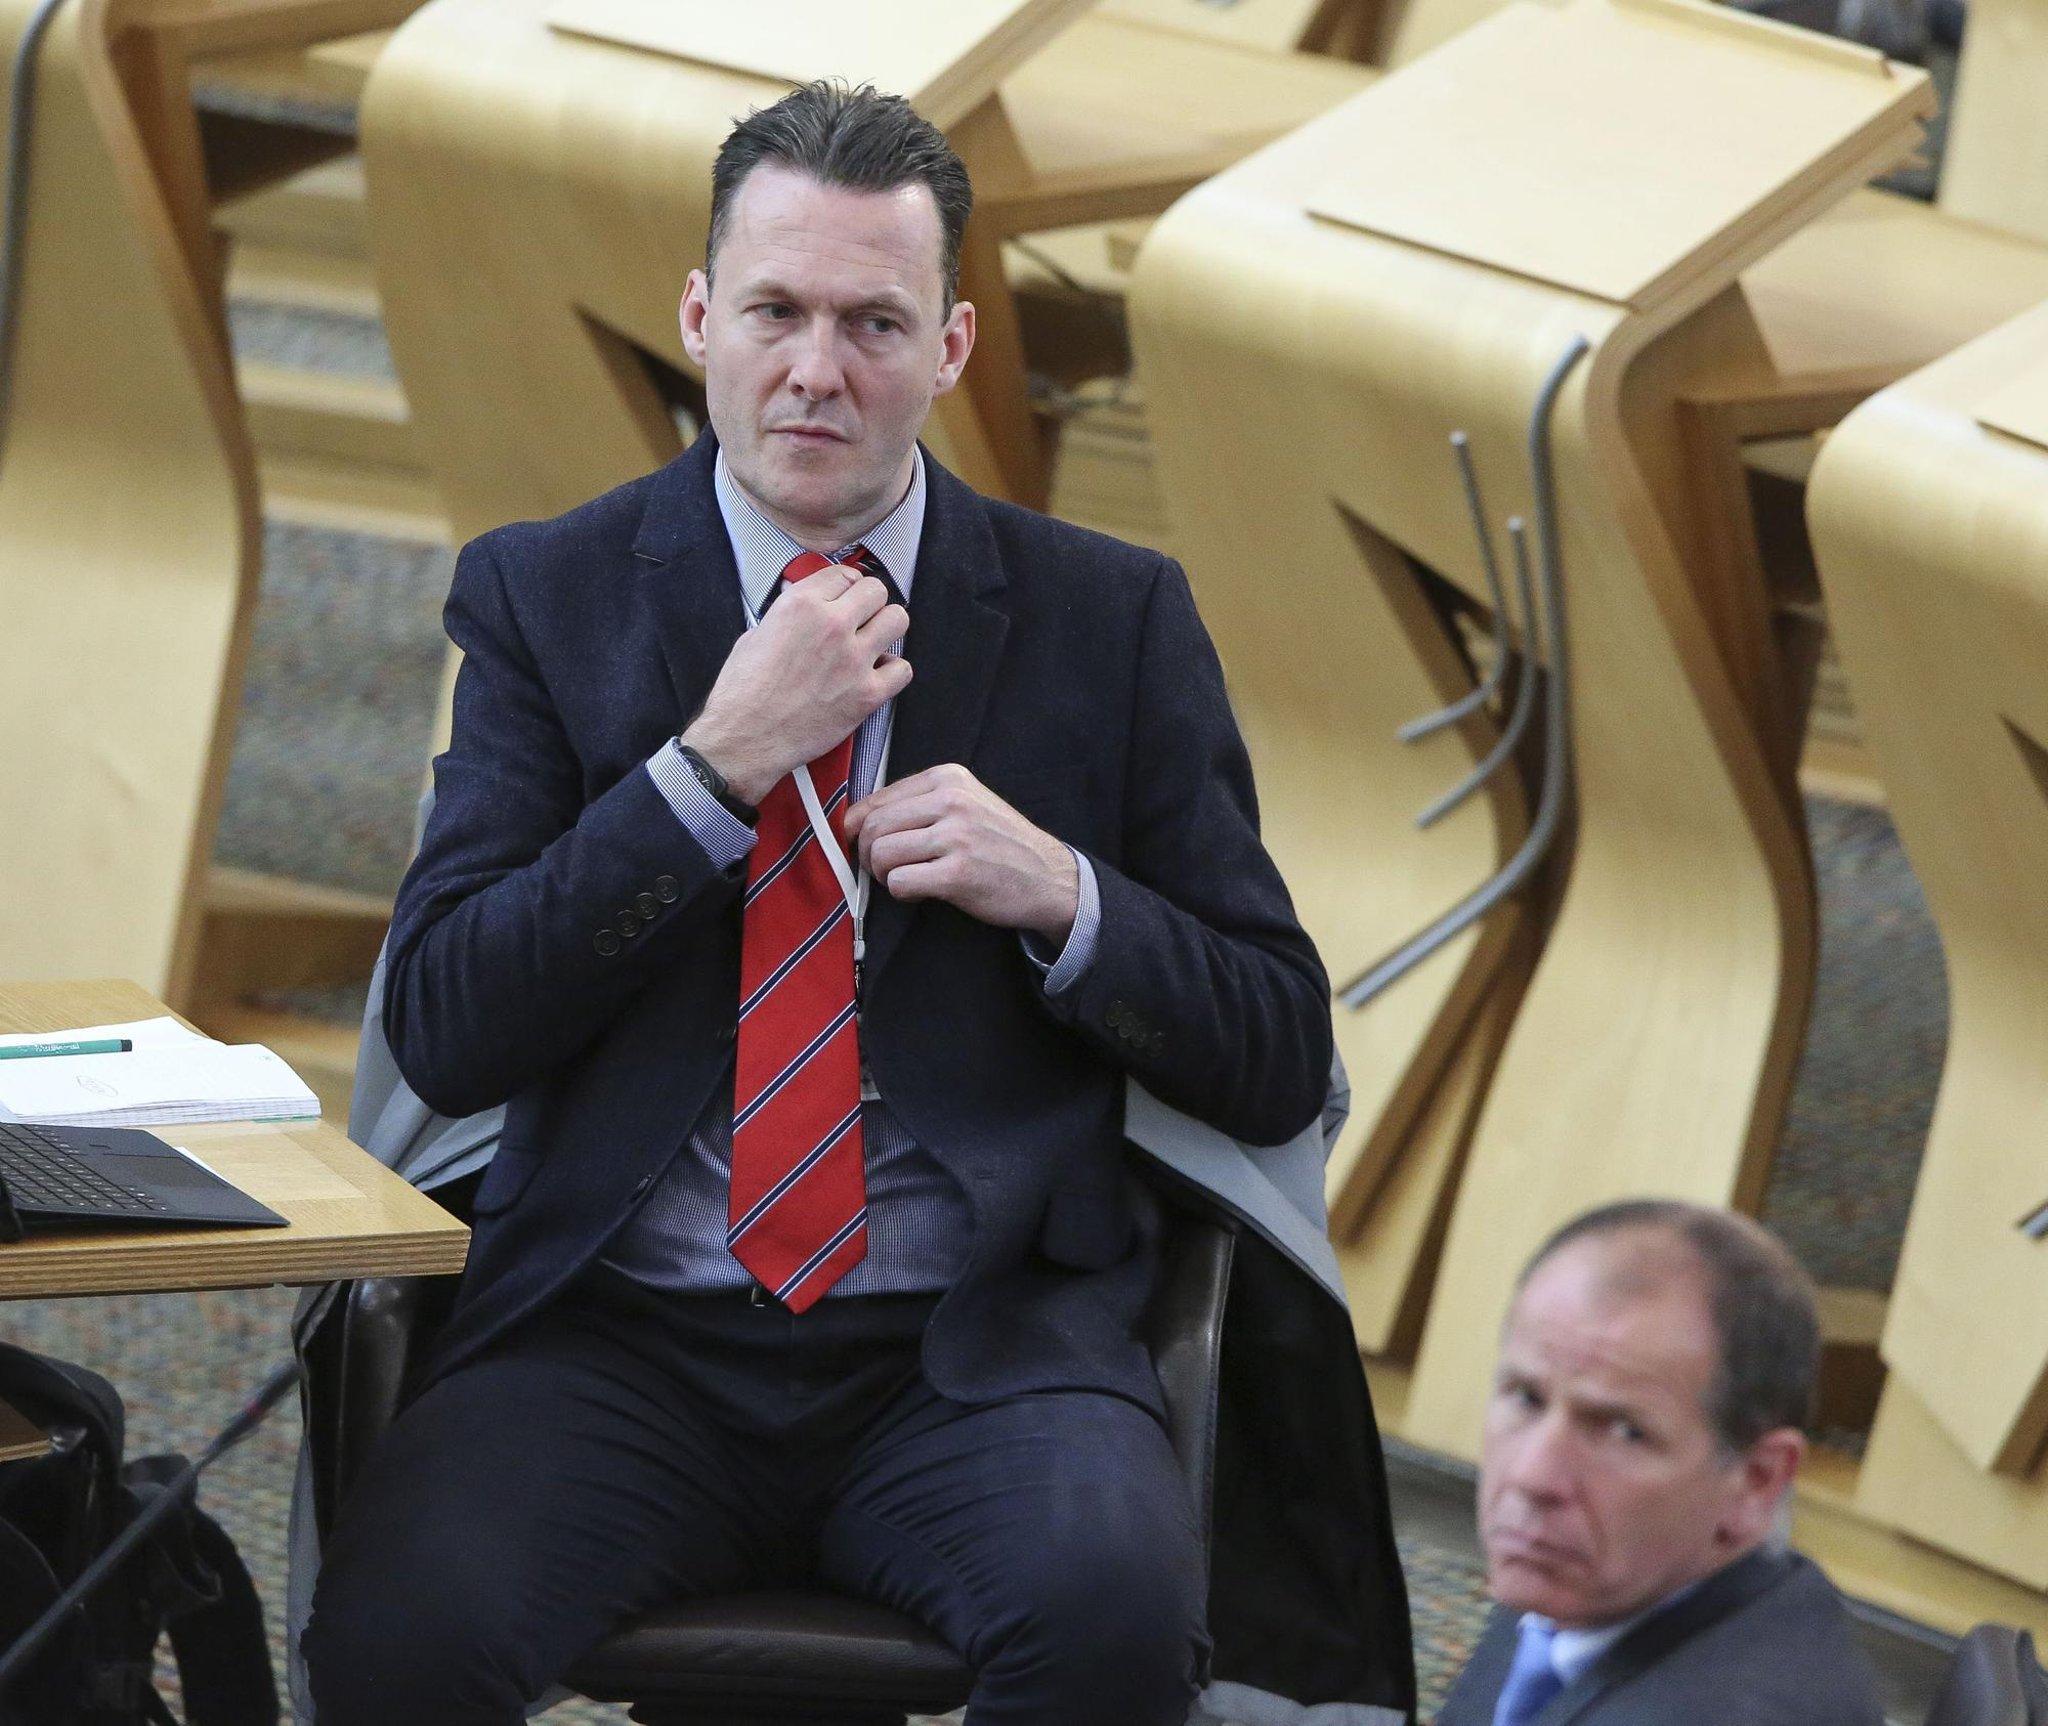 SNP didesak untuk menjatuhkan hukuman seumur hidup untuk Skotlandia